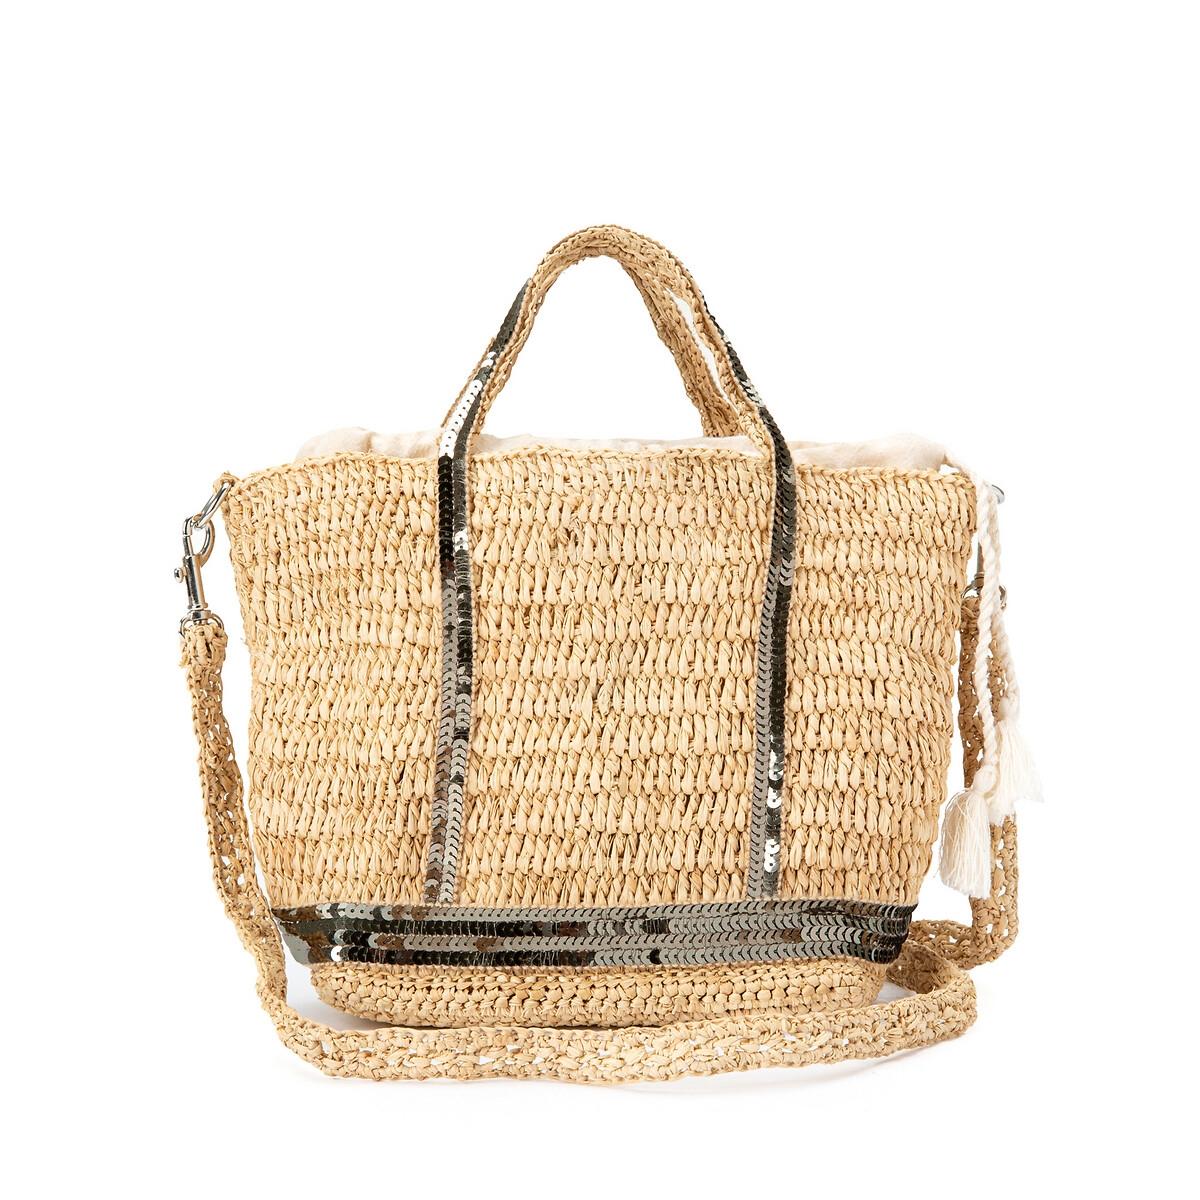 Фото - Сумка-шоппер La Redoute Маленького размера с блестками и плечевым ремнем единый размер зеленый сумка шоппер средняя из парусины с блестками